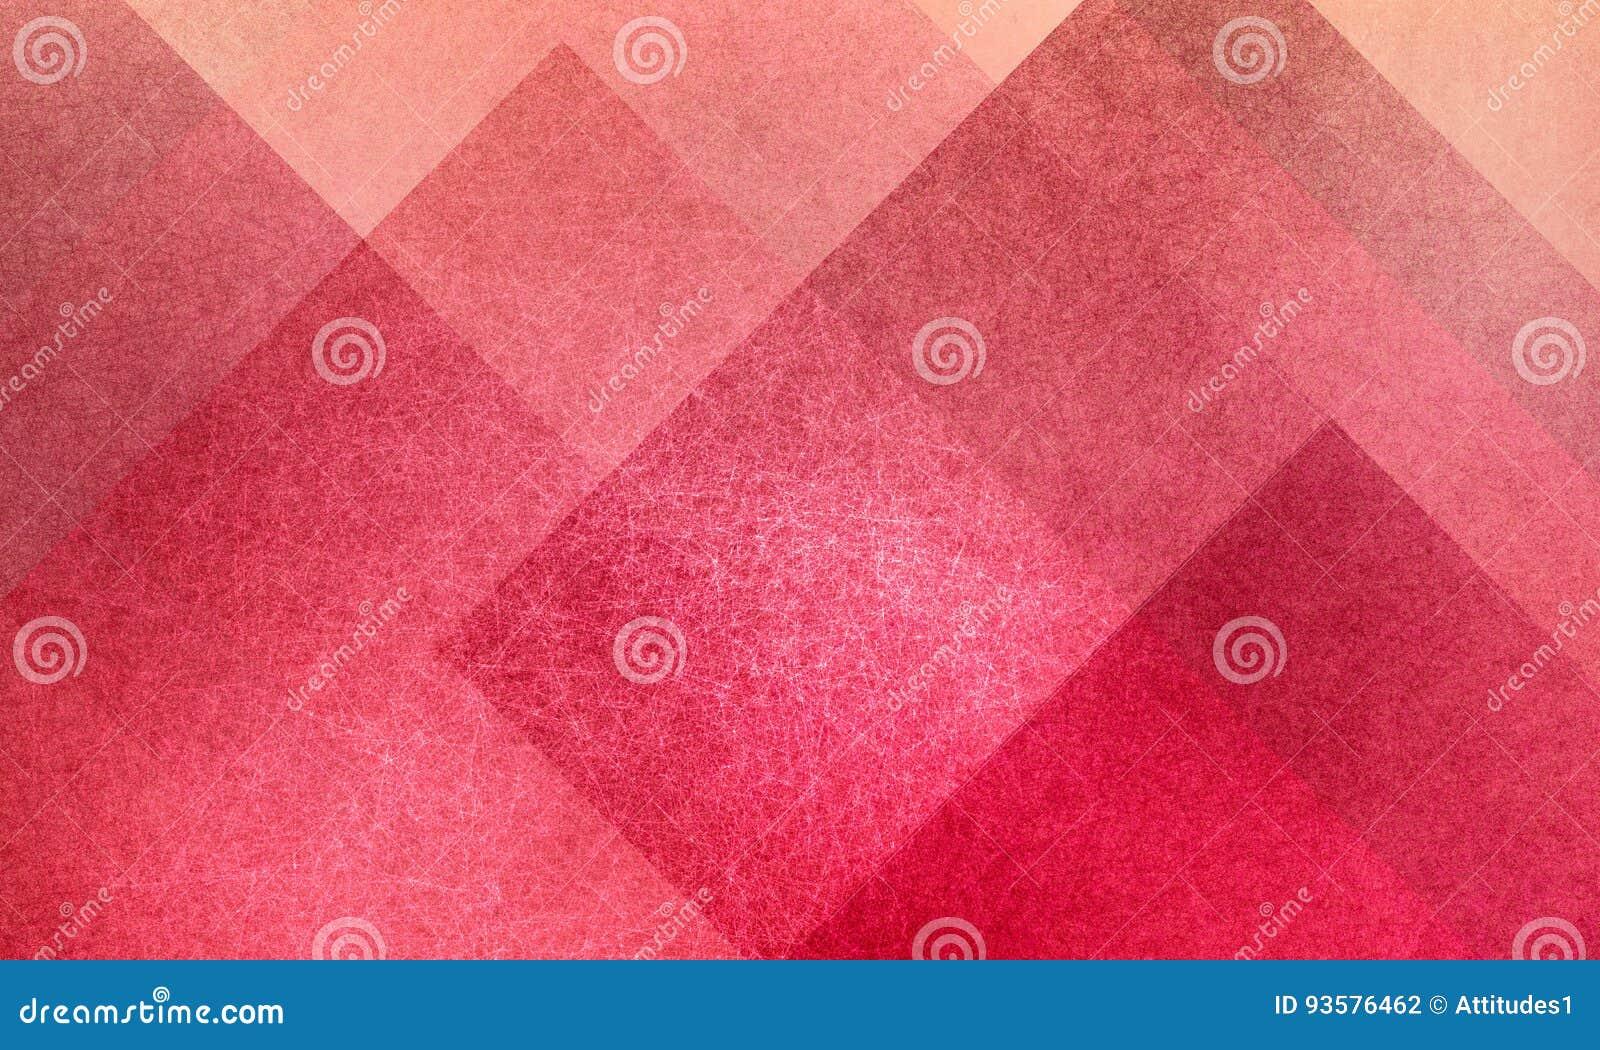 El modelo abstracto geométrico del fondo del rosa y del melocotón diseña con el diamante y bloquea los cuadrados acodados con tex